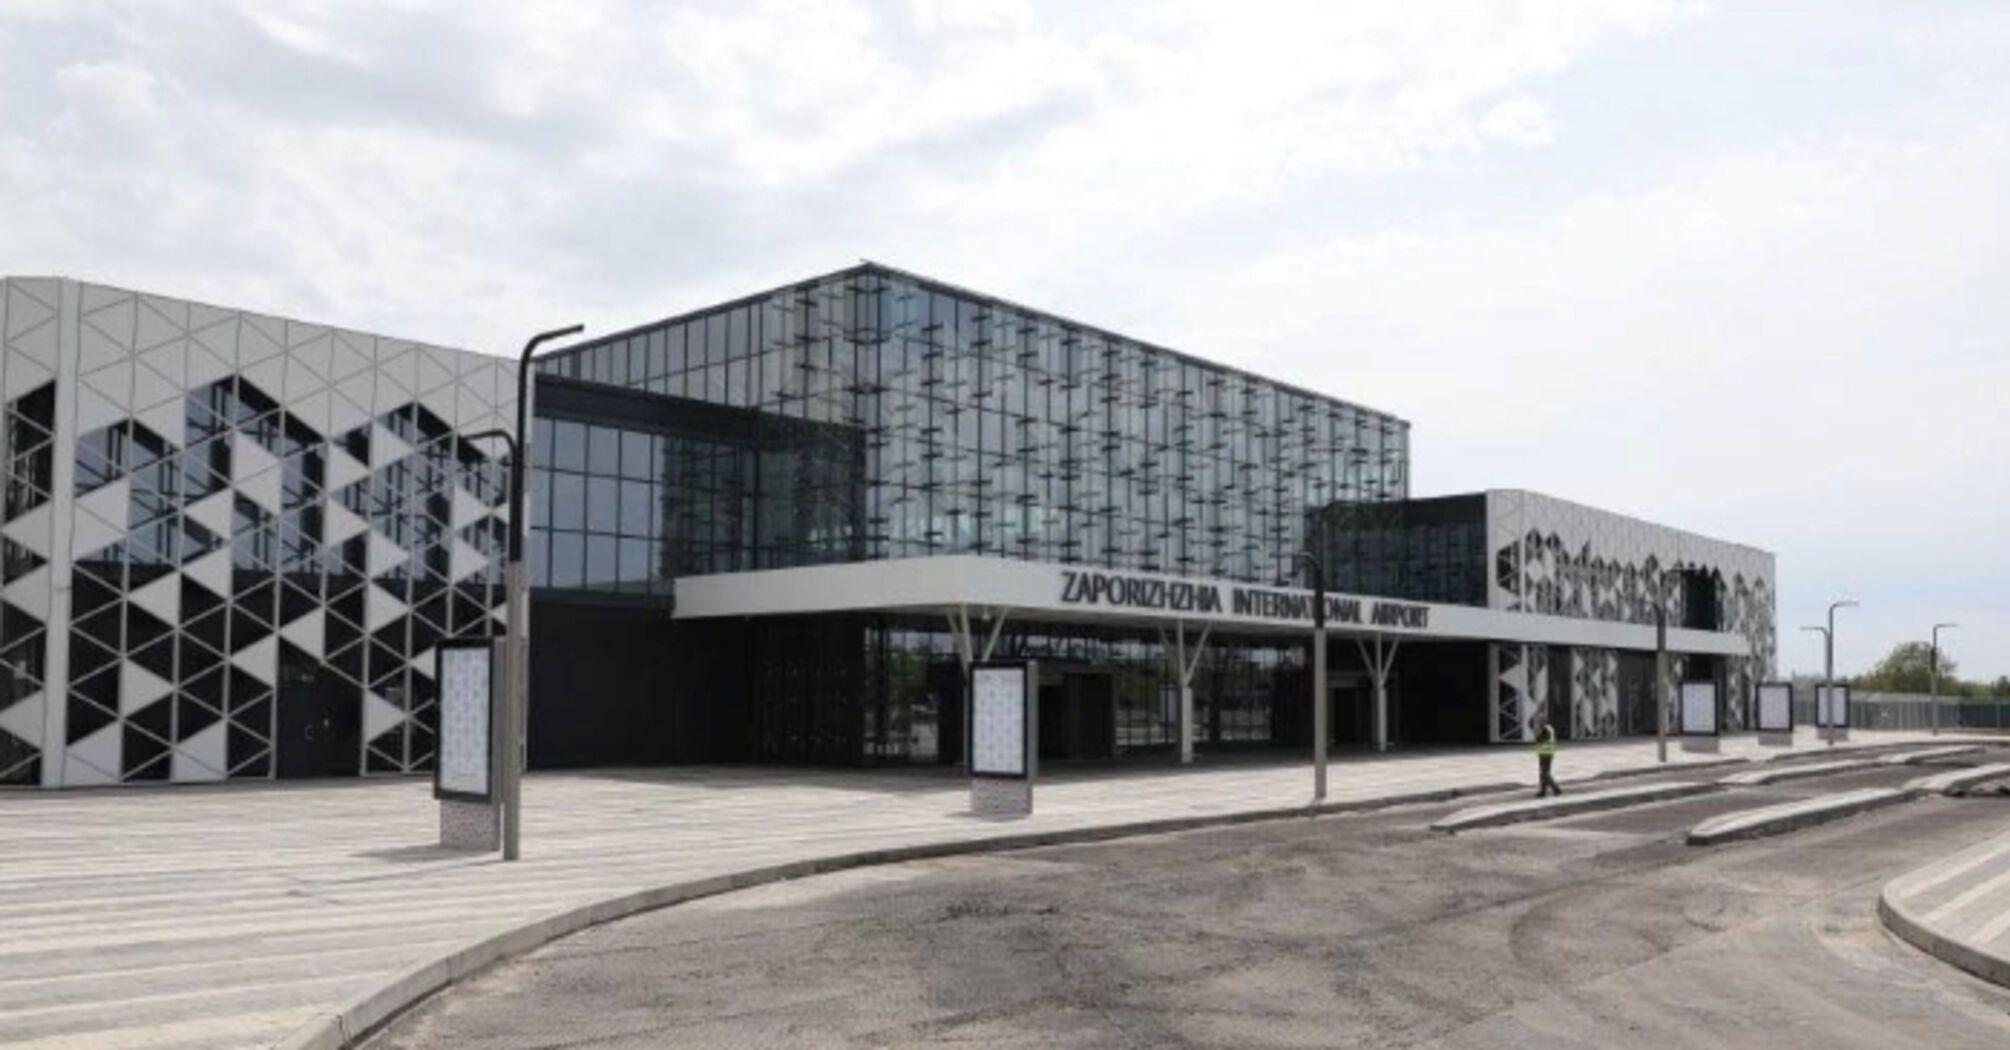 У Запорізькому аеропорту запрацював новий термінал за 1,3 мільярда